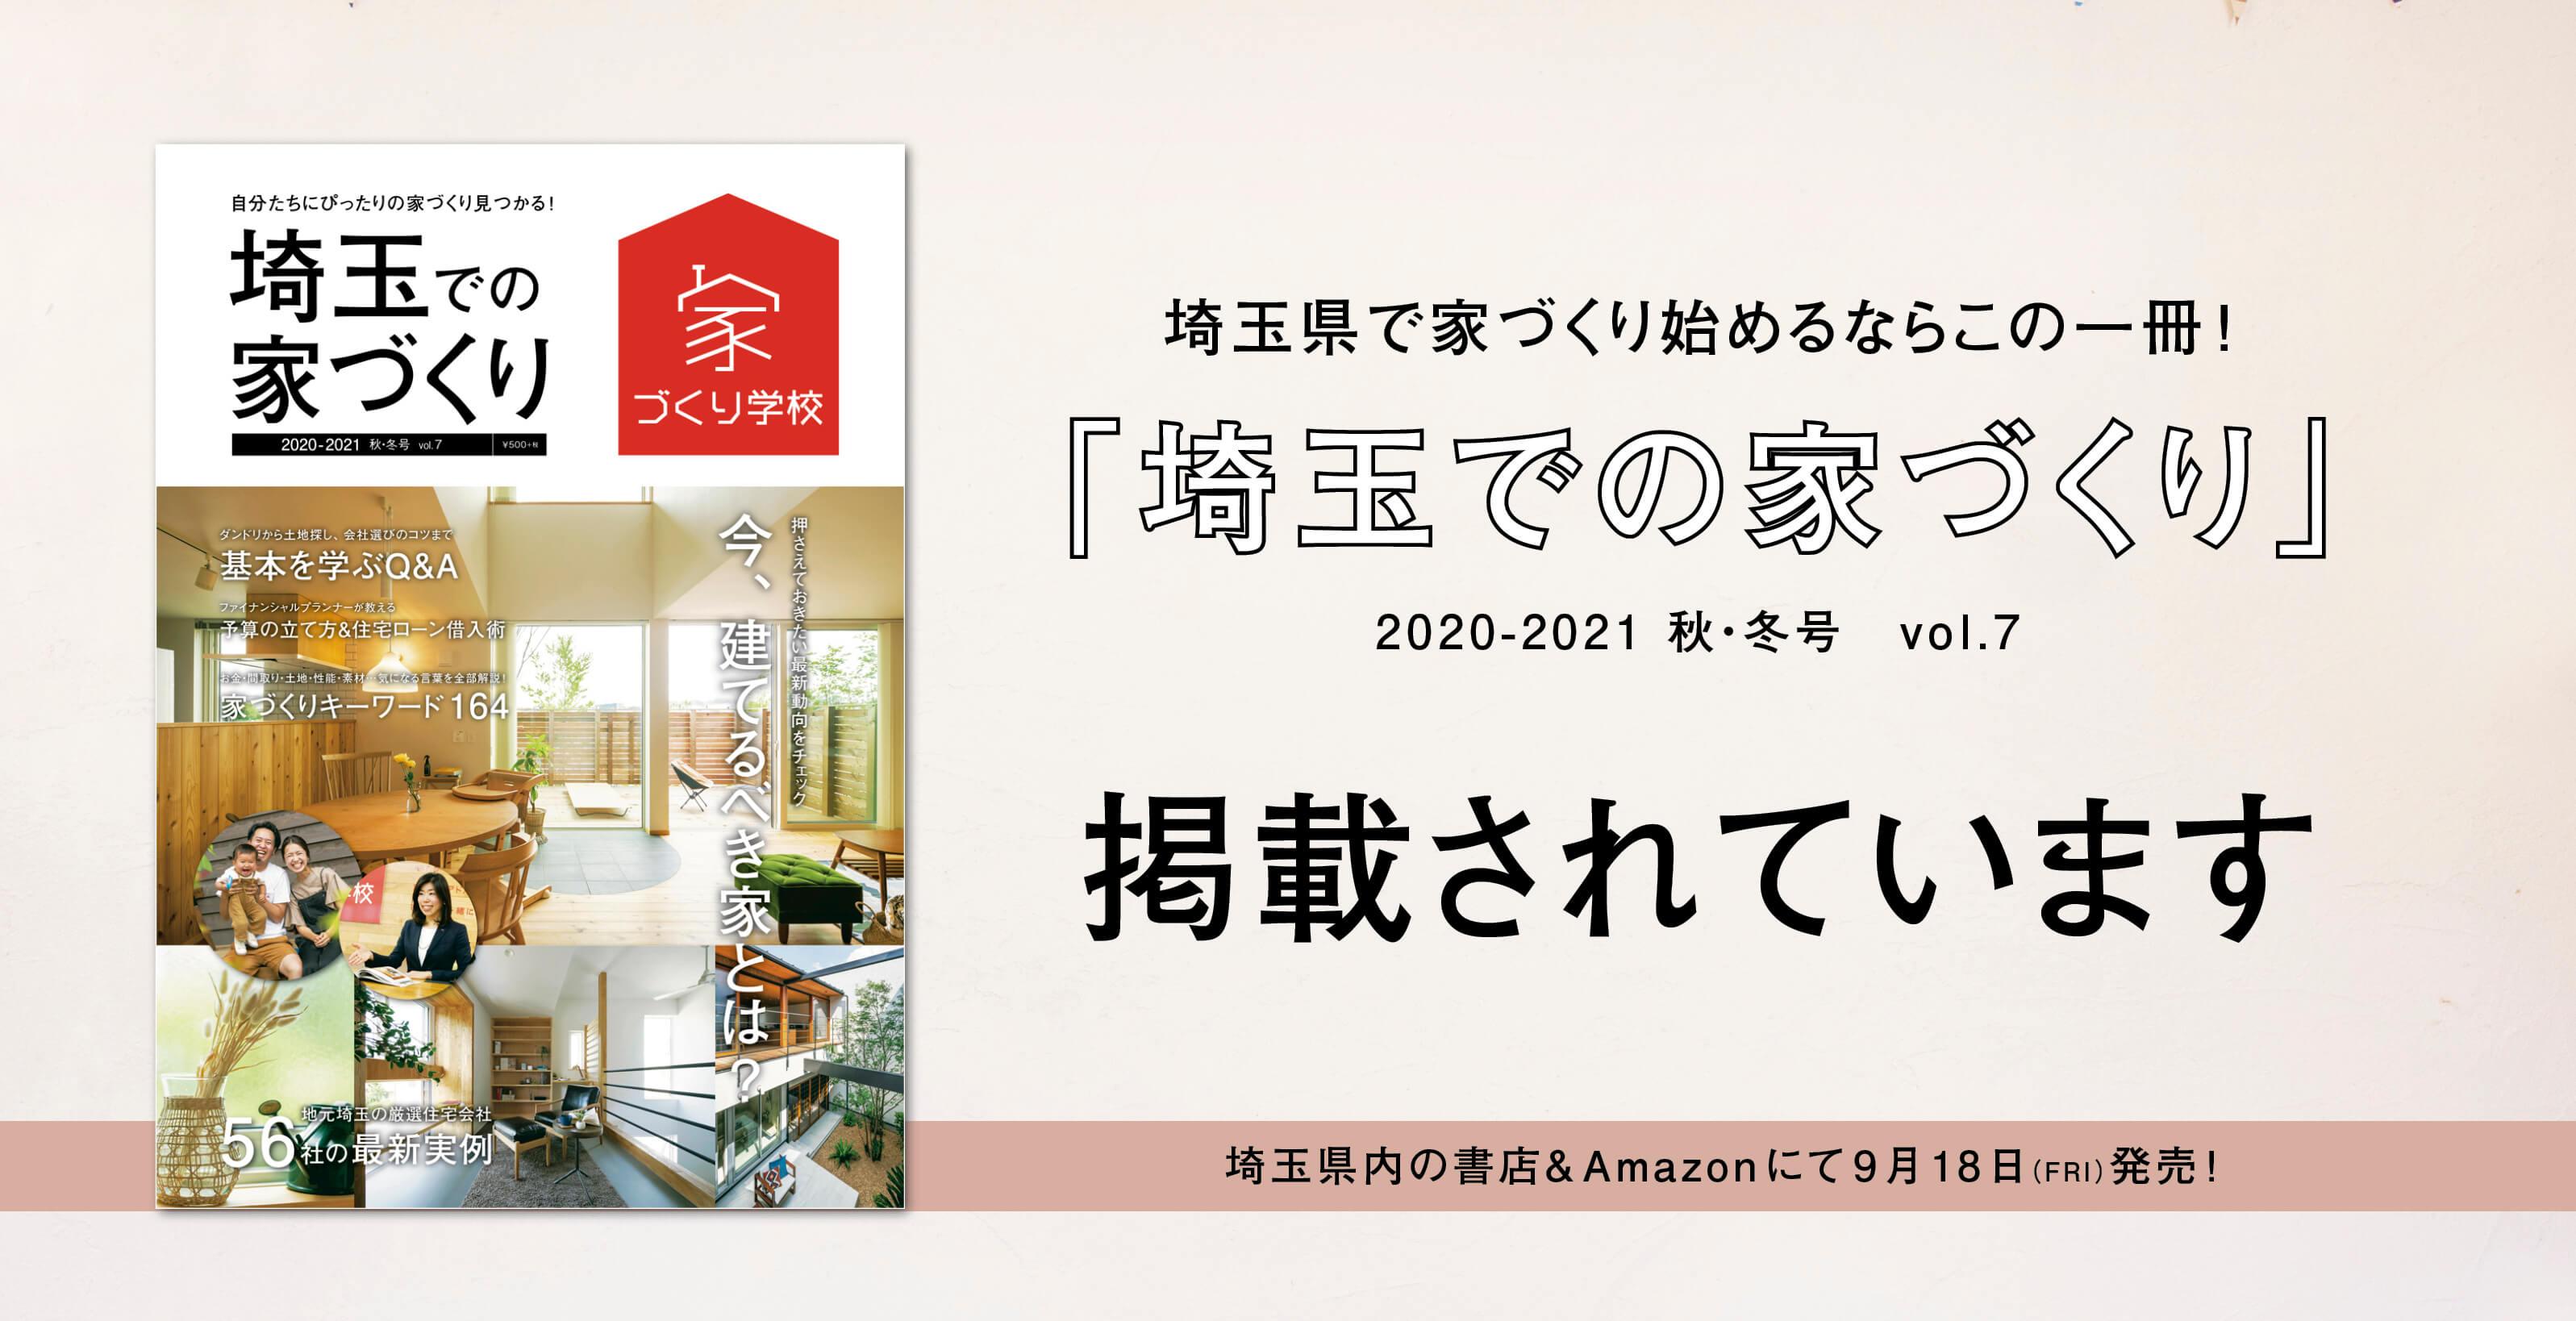 雑誌掲載情報「埼玉での家づくり」